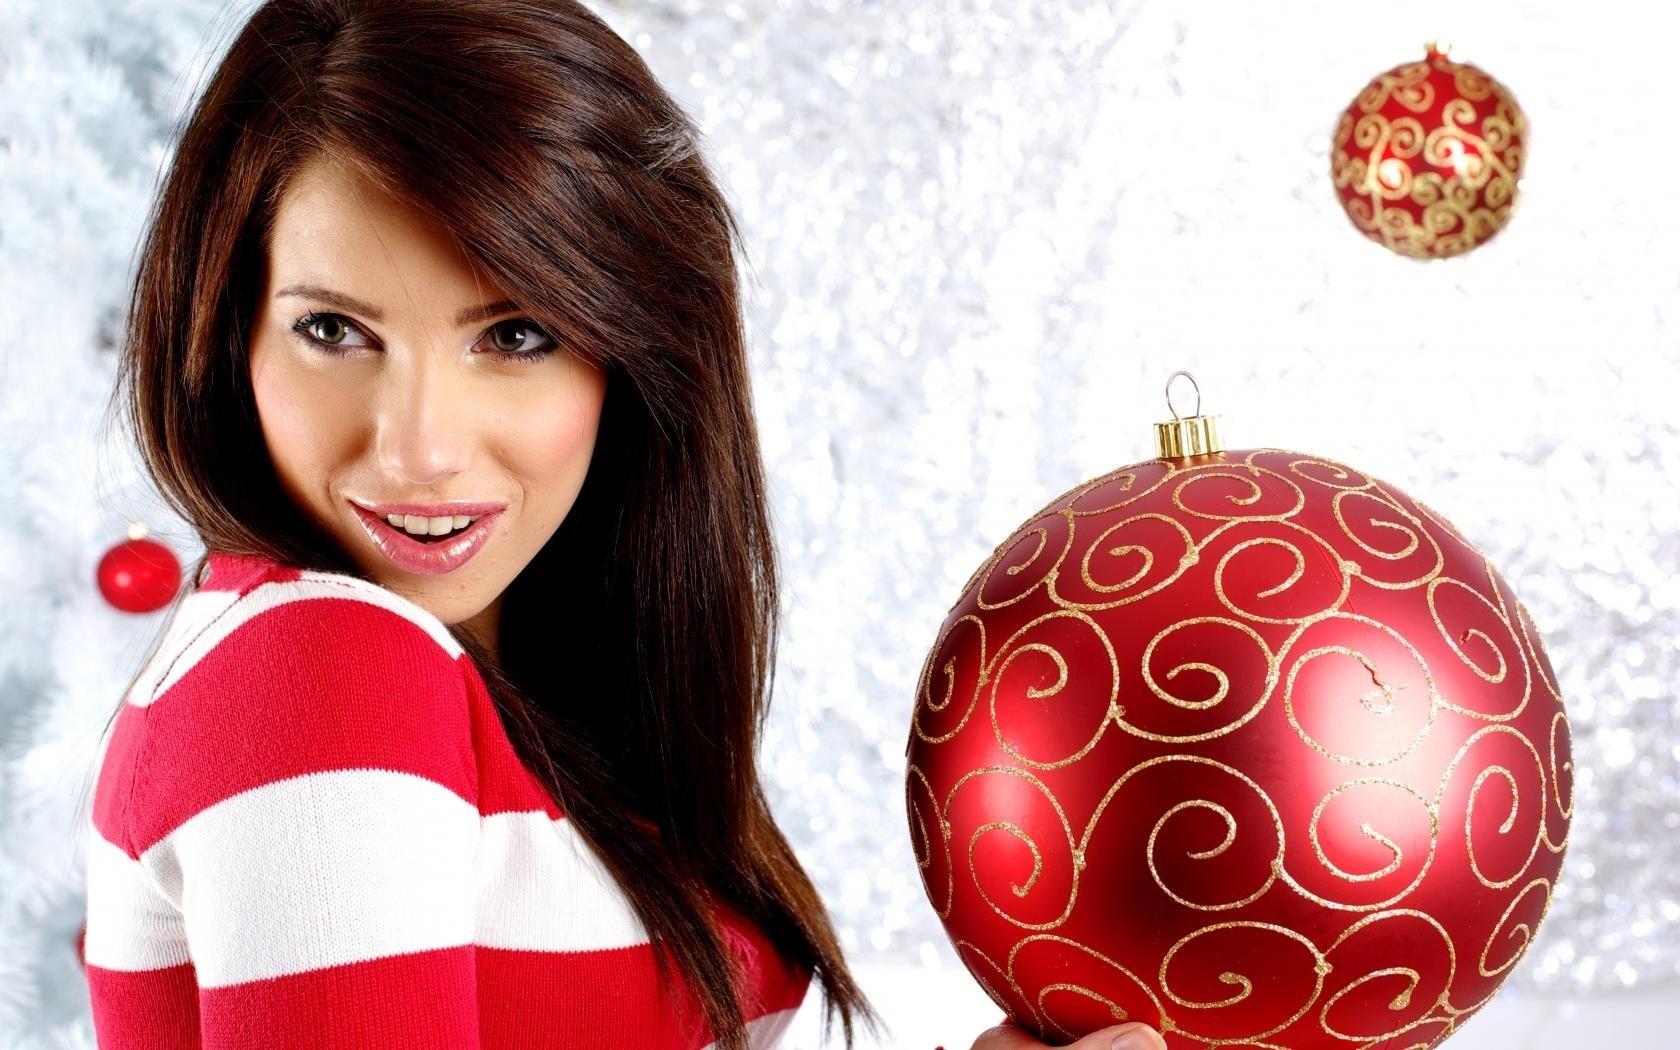 Bella modelo con adornos de navidad - 1680x1050